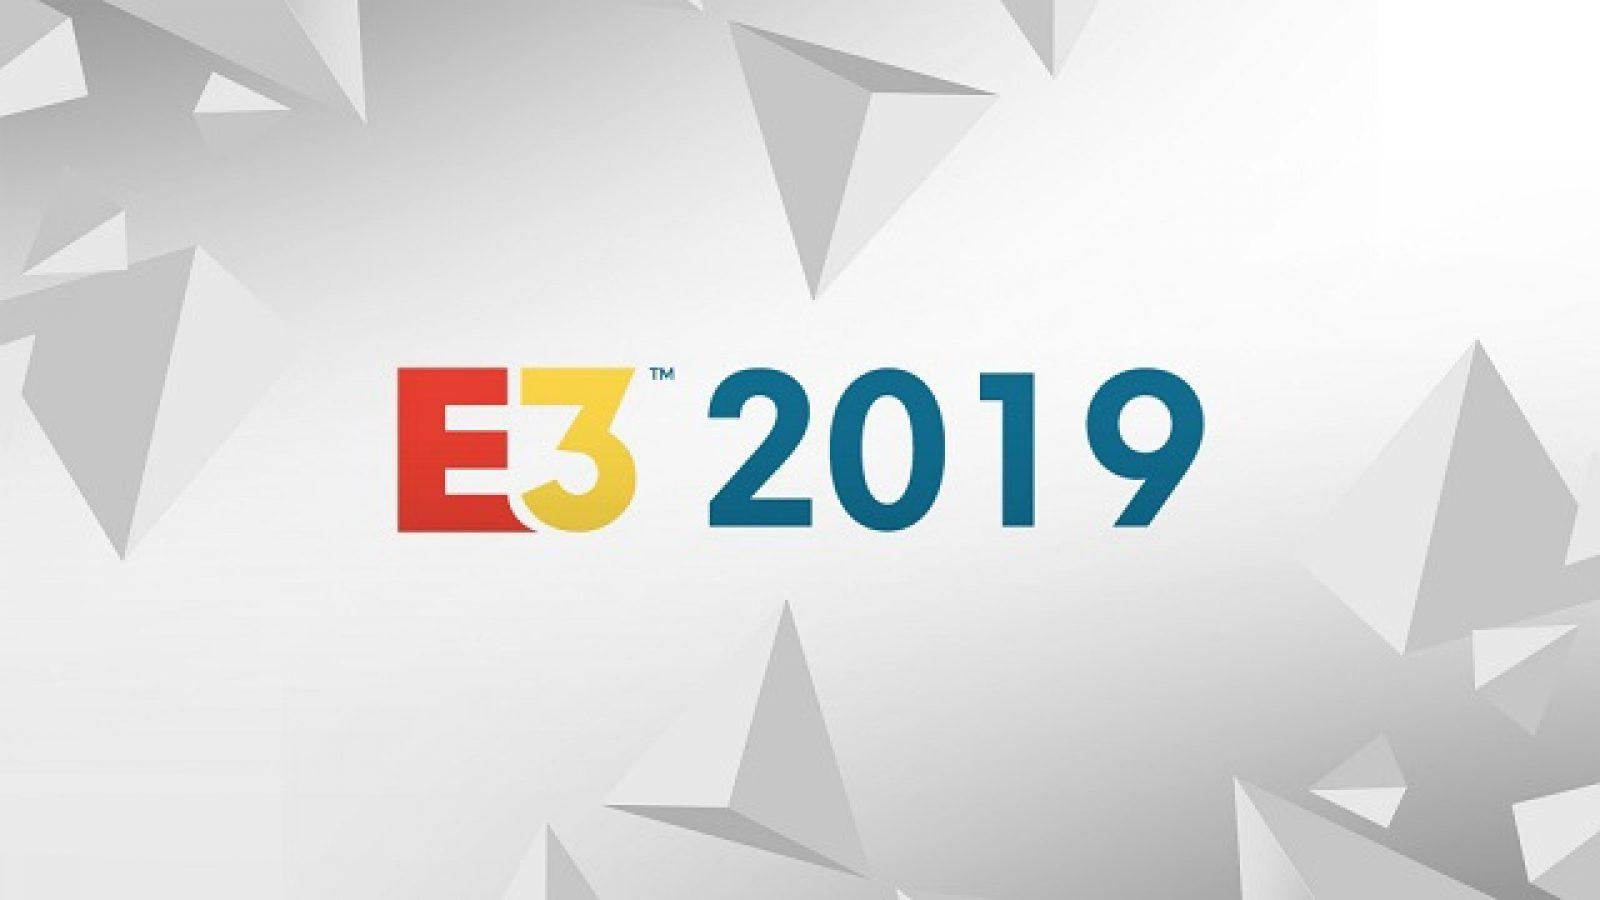 E3 2019发布会大幕将启,3DM全程转播敬请关注!